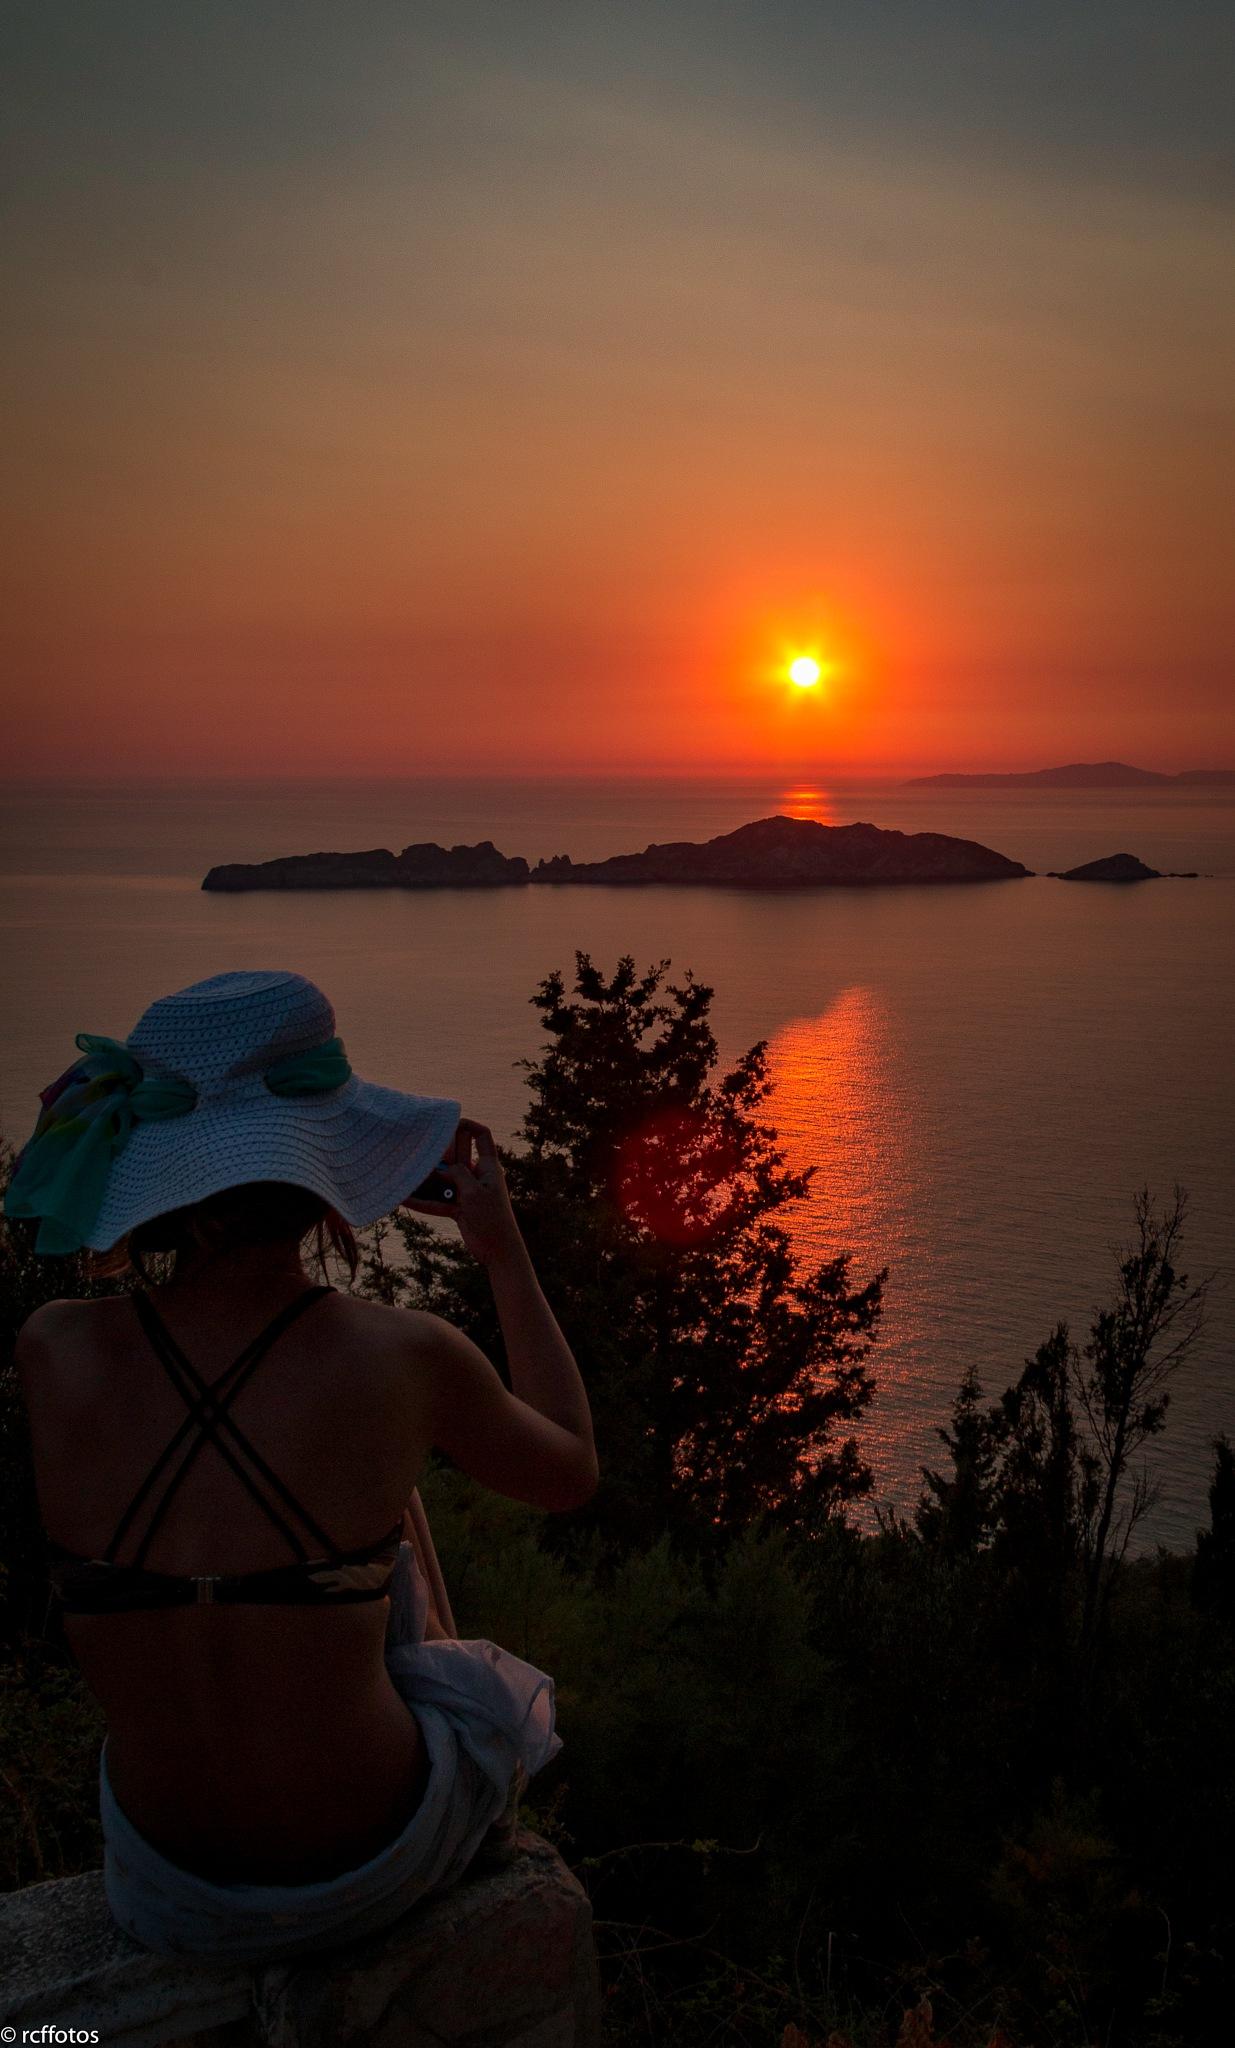 Corfu Sunset by rc ffotos